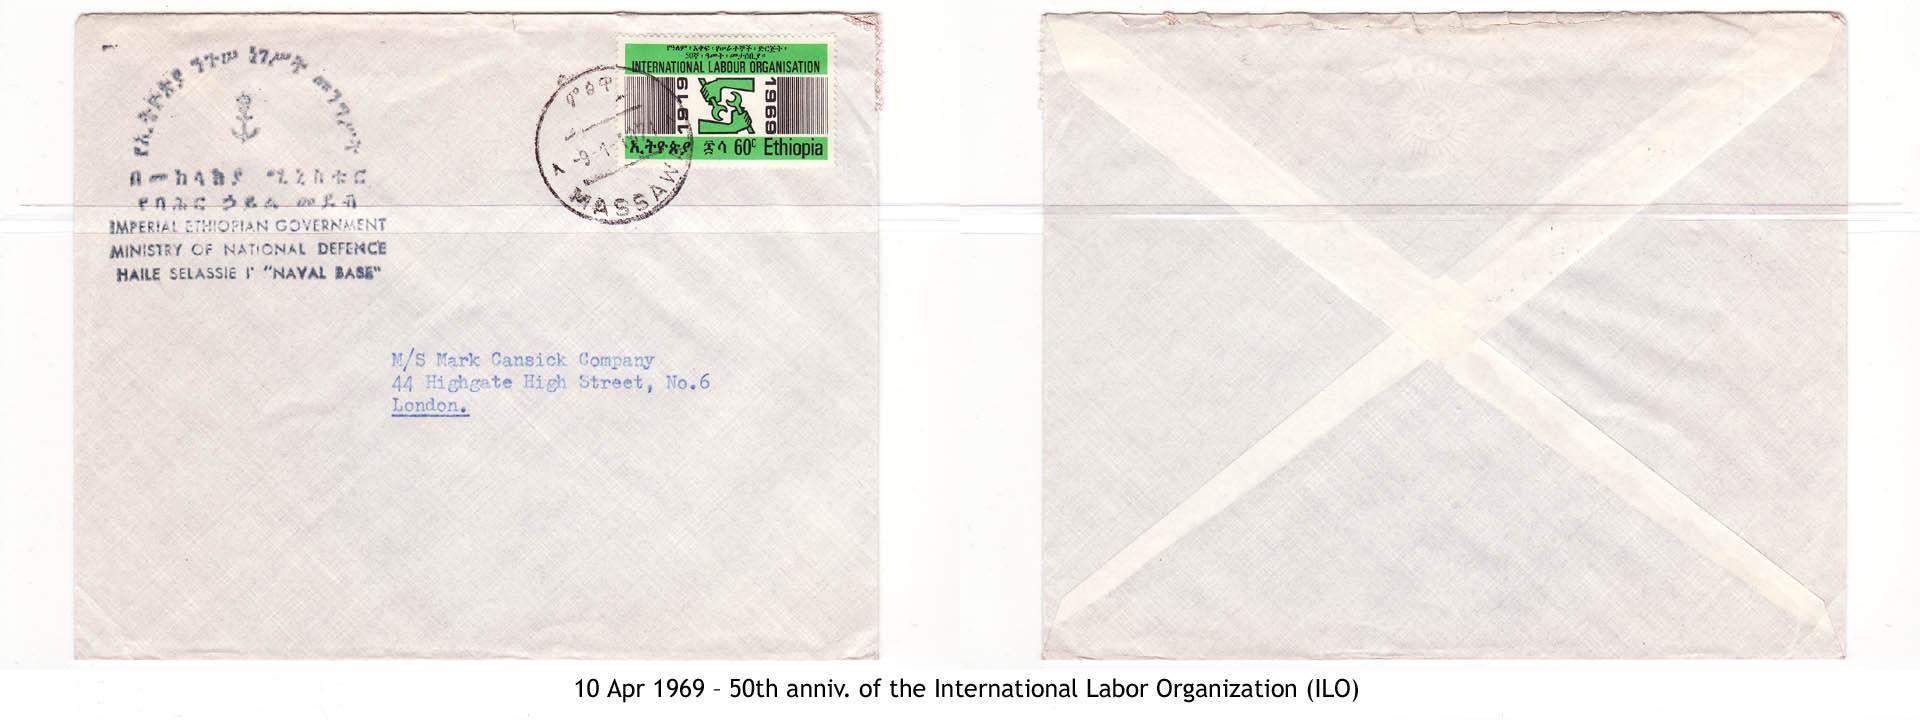 19690410 – 50th anniv. of the International Labor Organization (ILO)